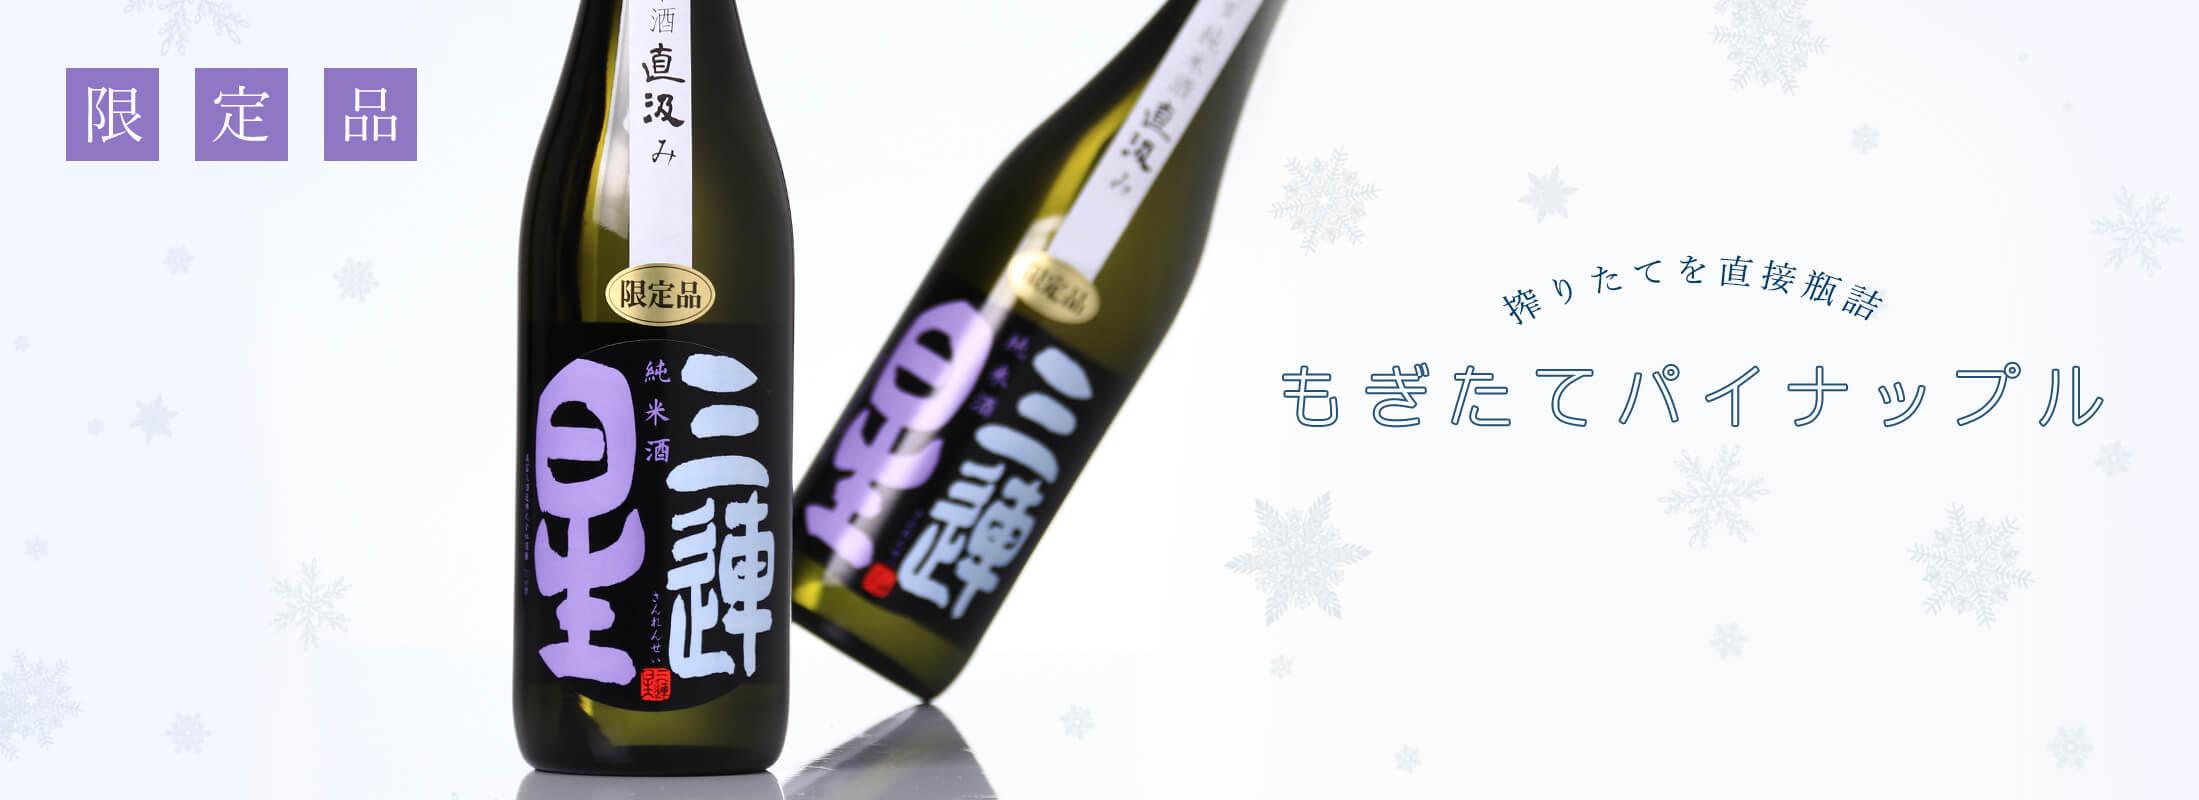 三連星(黒)純米 無濾過生原酒 直汲み